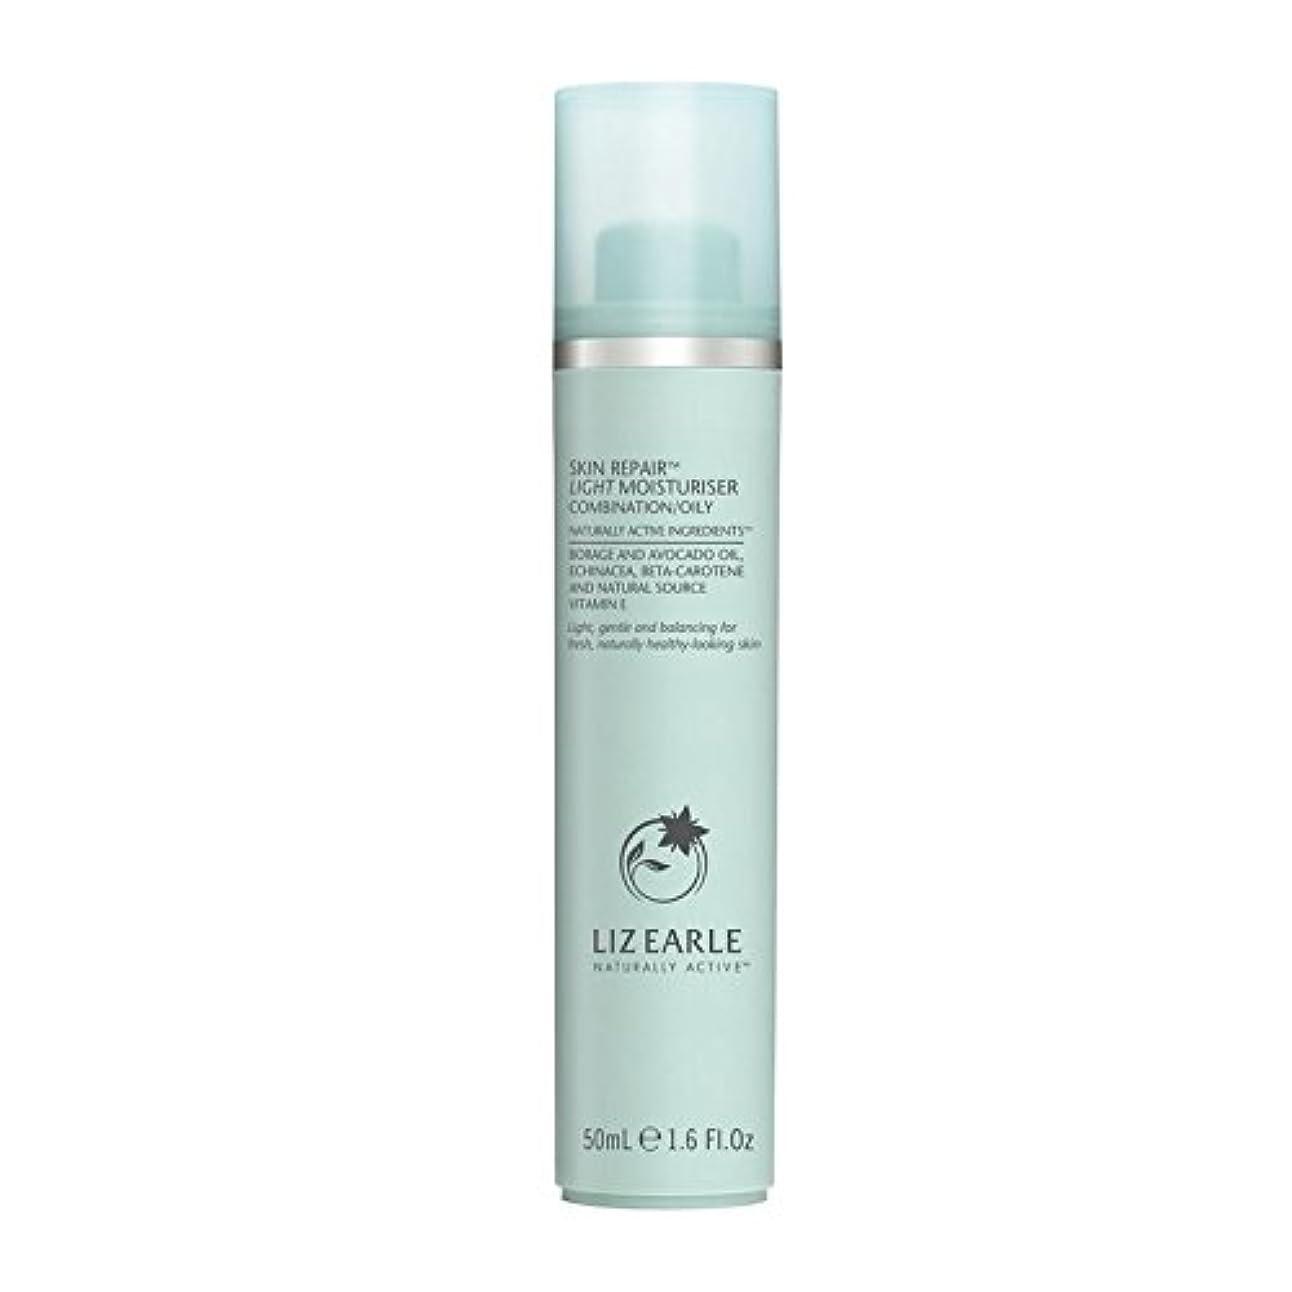 鷲現在超高層ビルリズアールスキンリペア光の保湿剤の組み合わせ/油性50ミリリットル x2 - Liz Earle Skin Repair Light Moisturiser Combination/Oily 50ml (Pack of...